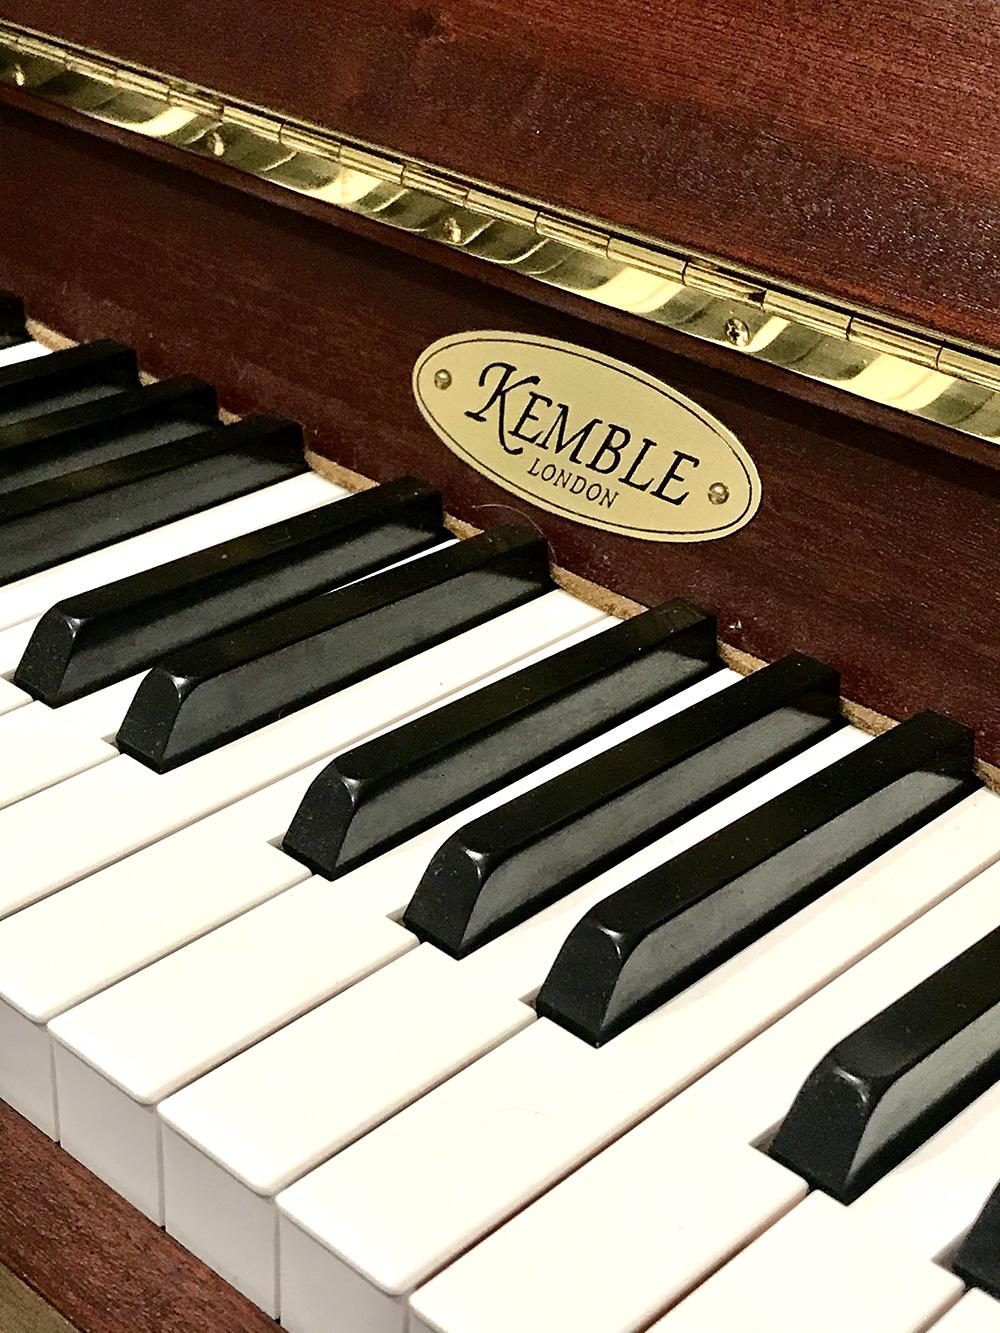 Kemble-London-Yamaha-Piano-Dorset-2.jpg